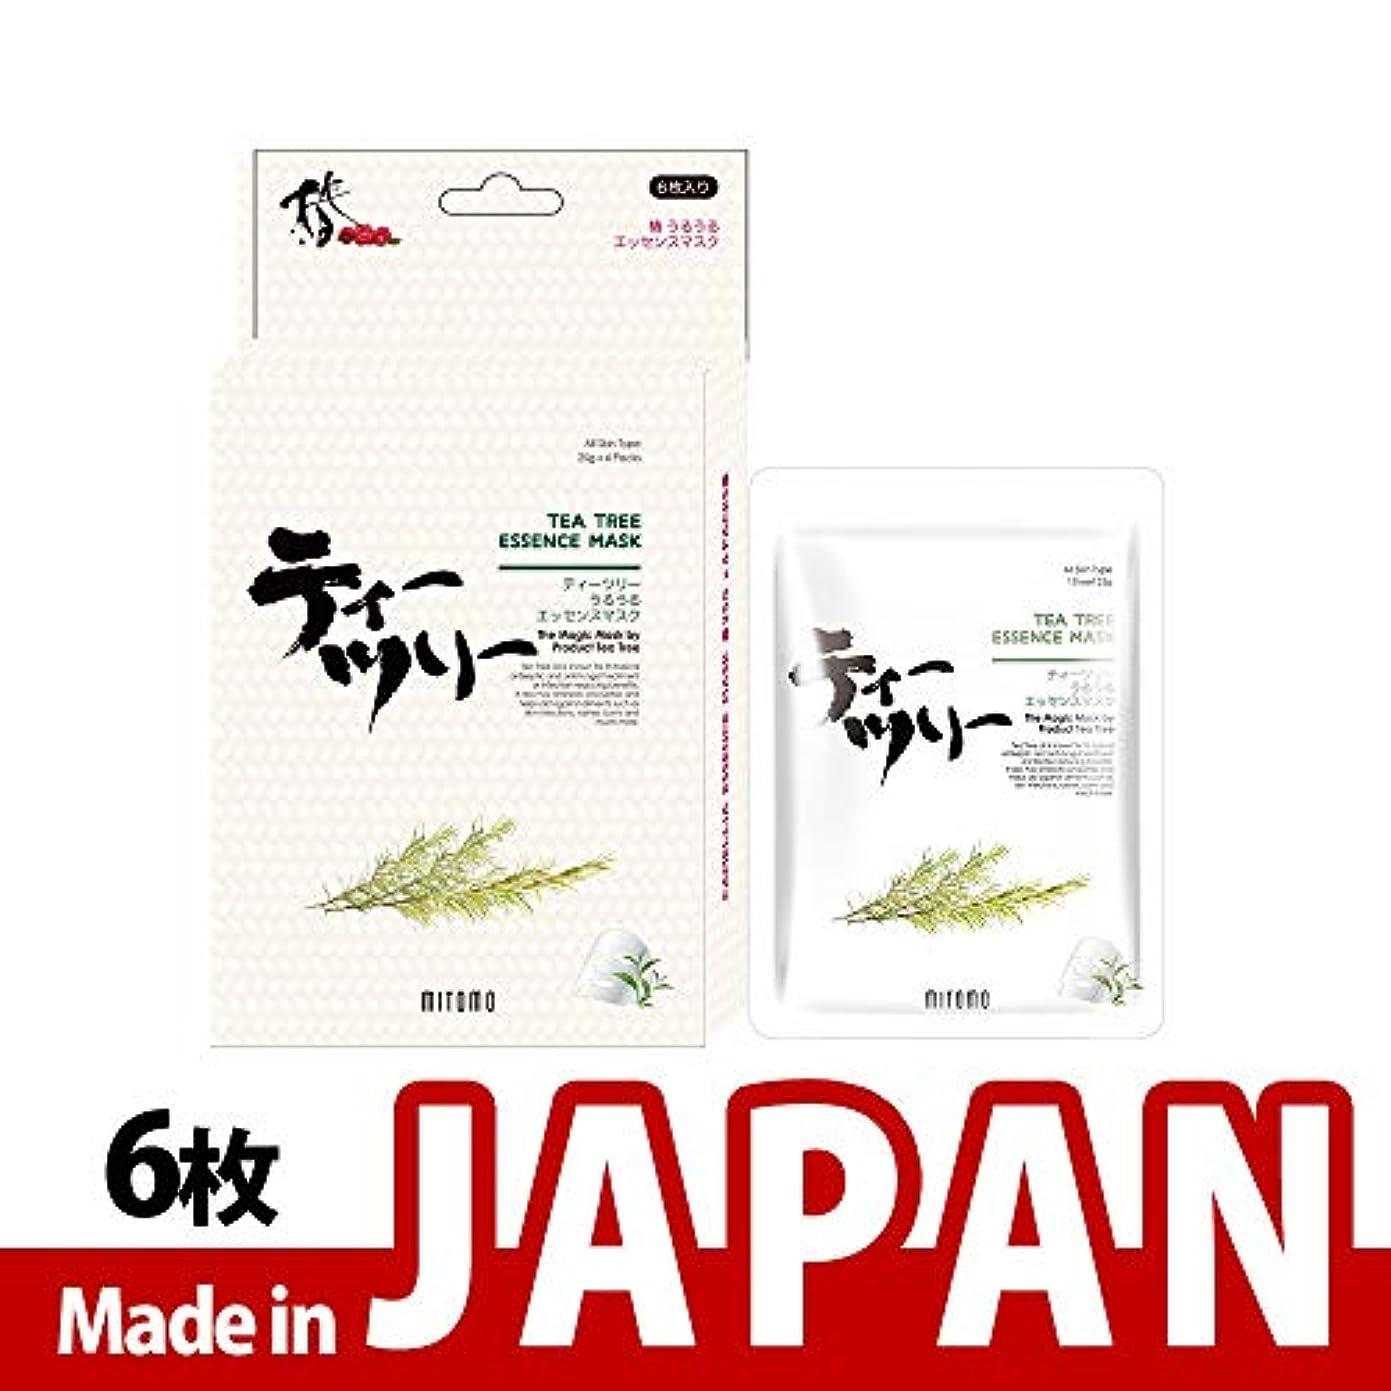 ディレクター健康に渡ってMITOMO【JP512-D-1】日本製ティーツリー シートマスク/6枚入り/6枚/美容液/マスクパック/送料無料